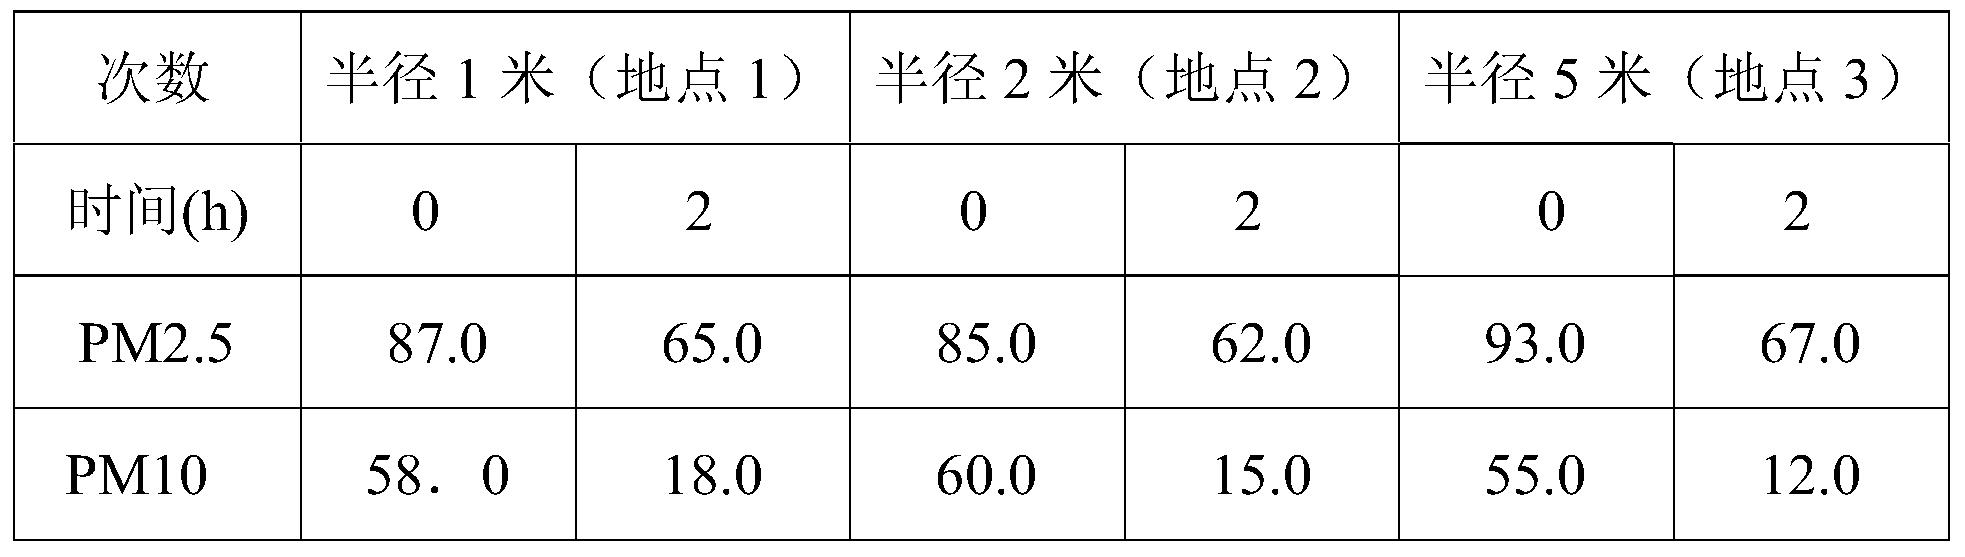 Figure PCTCN2017081602-appb-000001